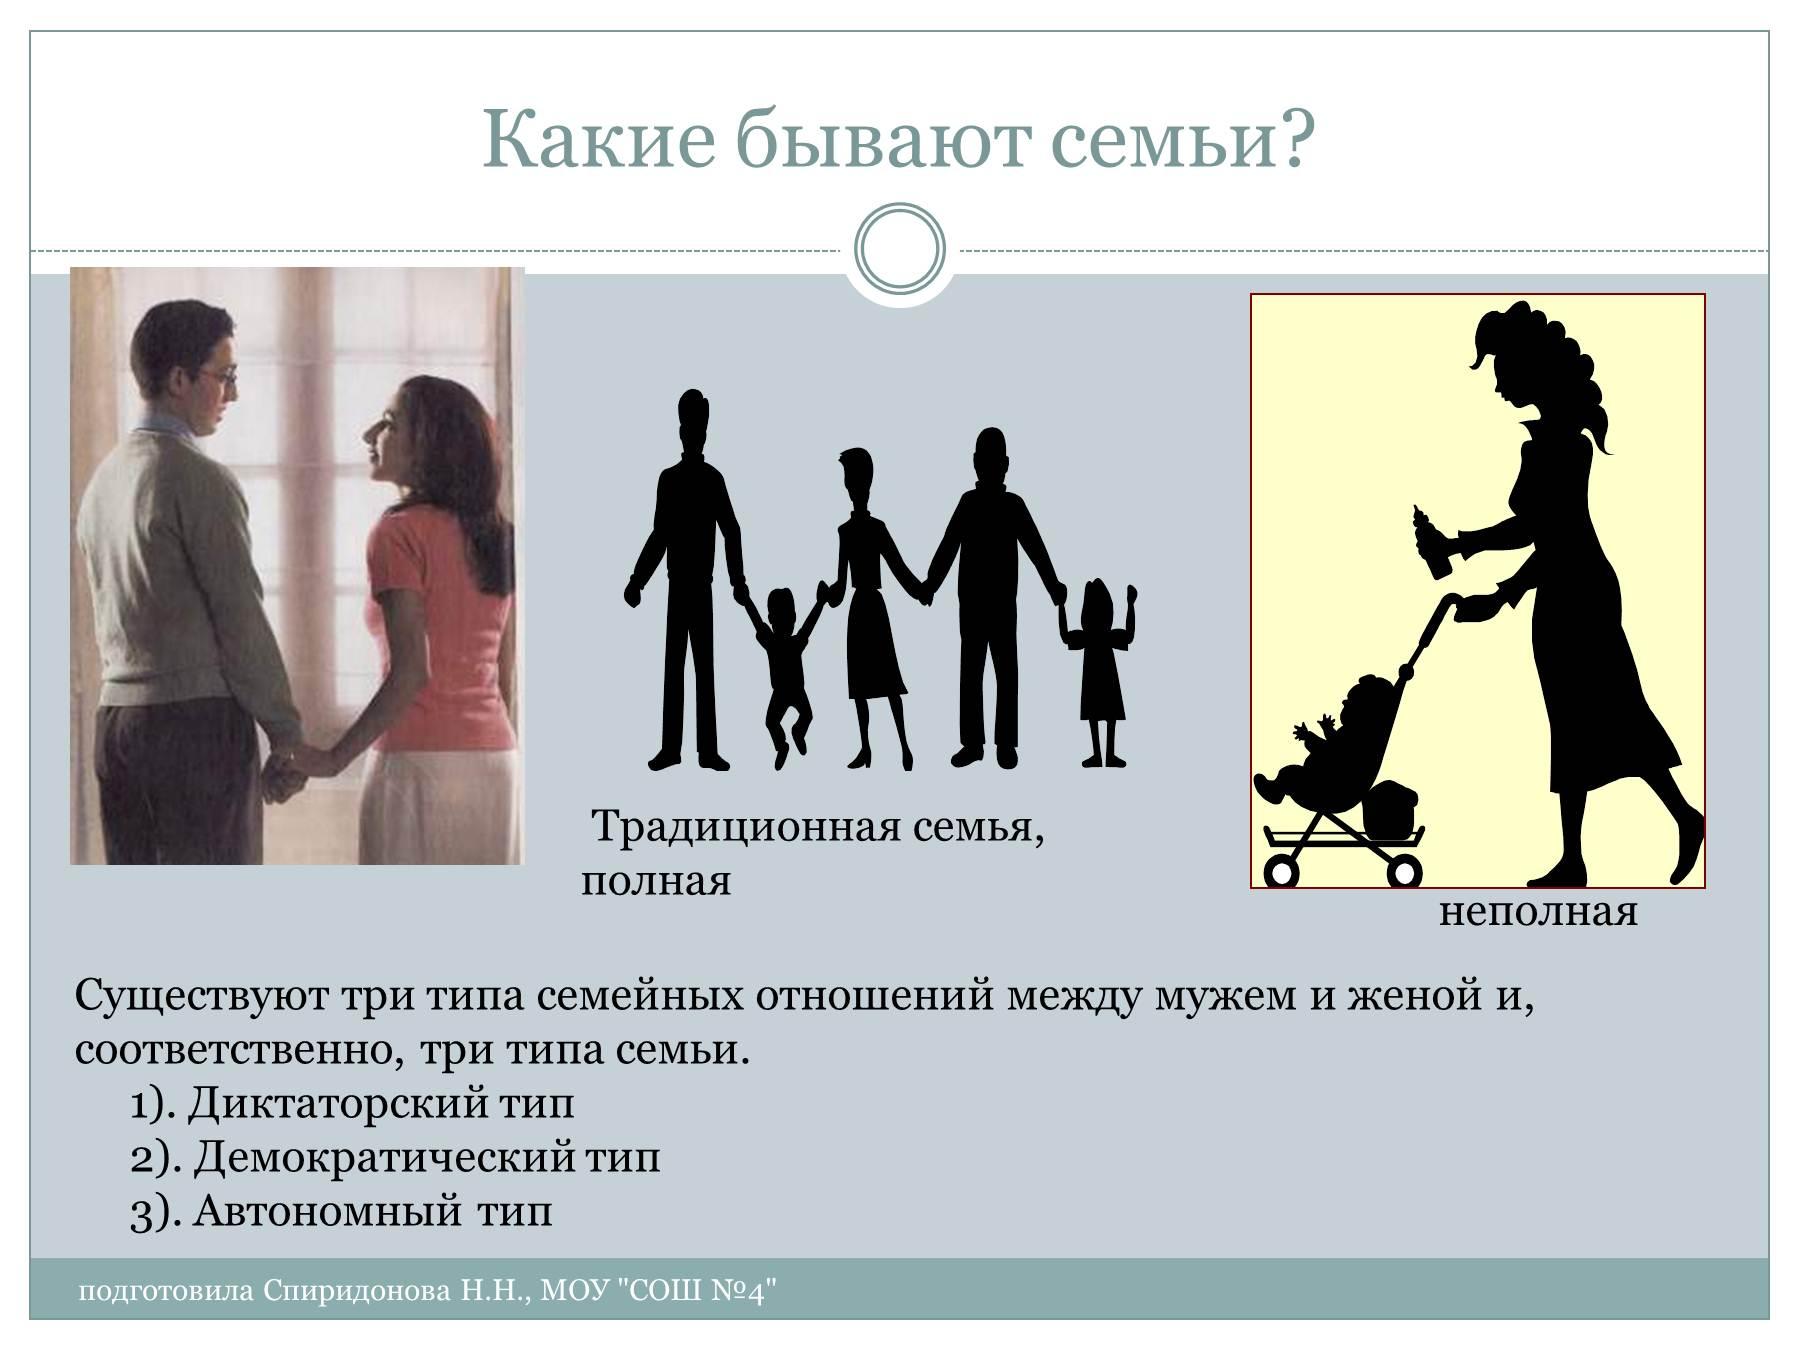 Раздался определение члена семьи